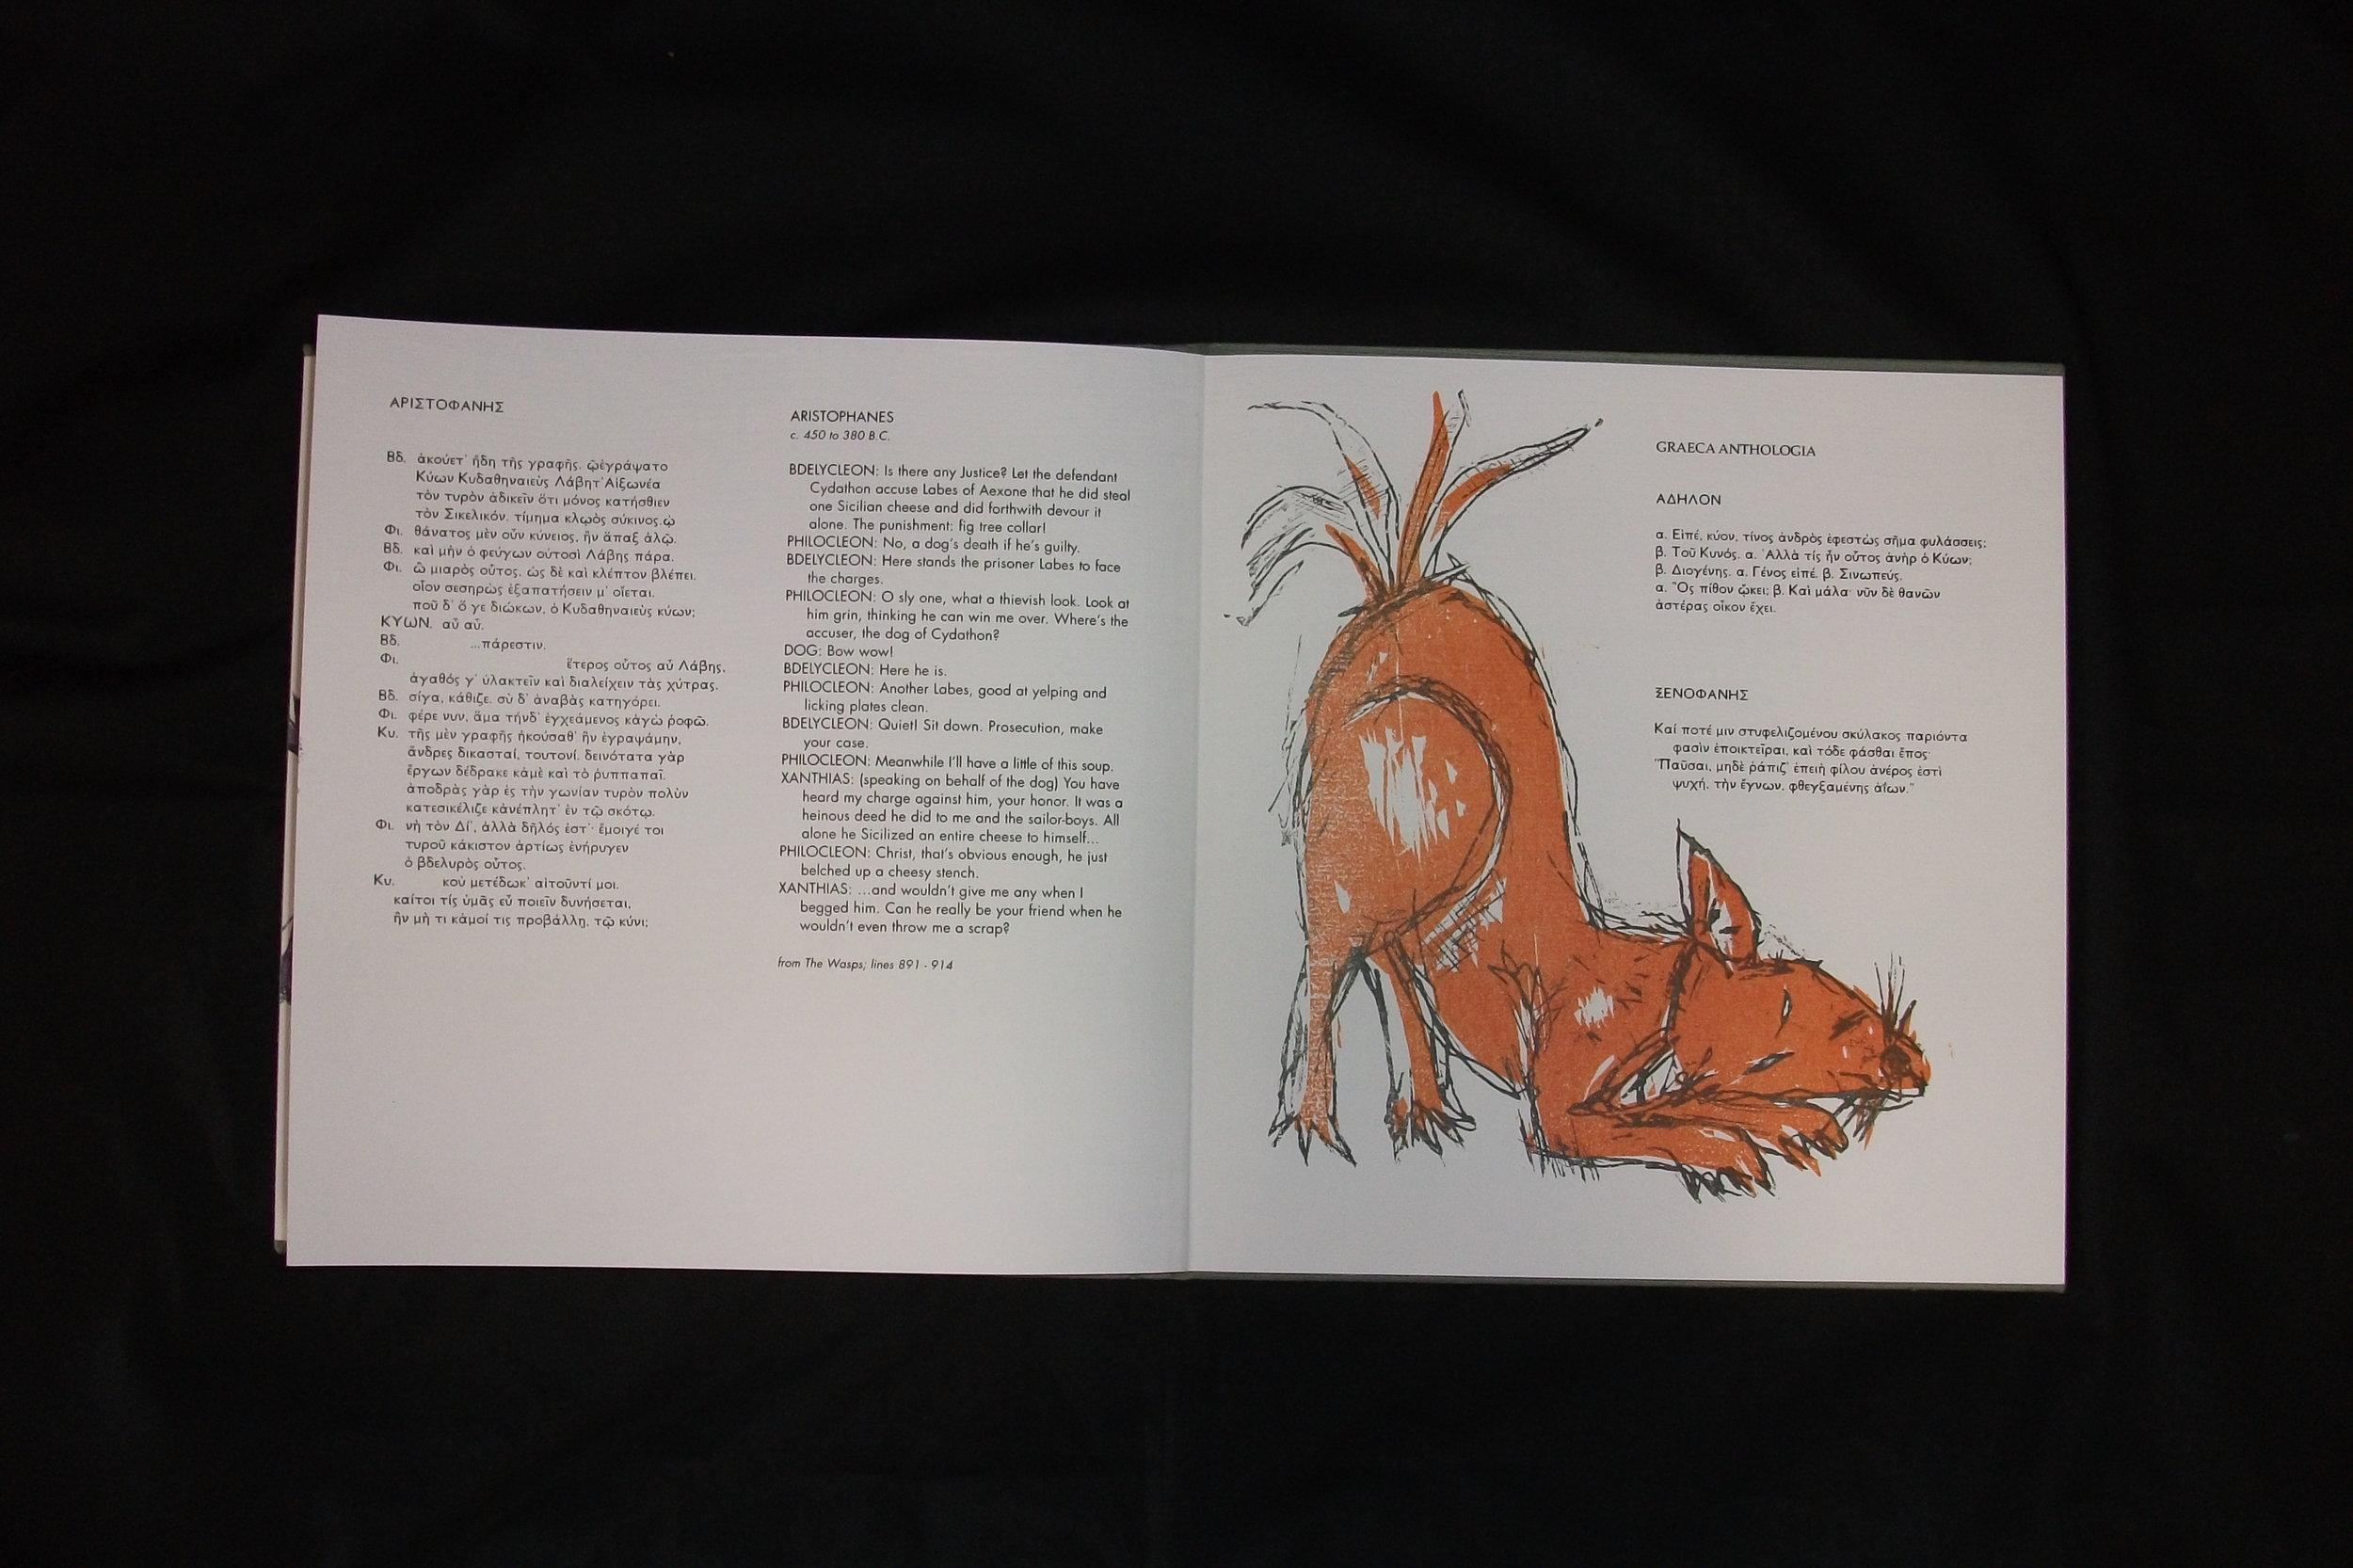 James Engelbart, Kywn Canine Canis, Letterpress, 1995